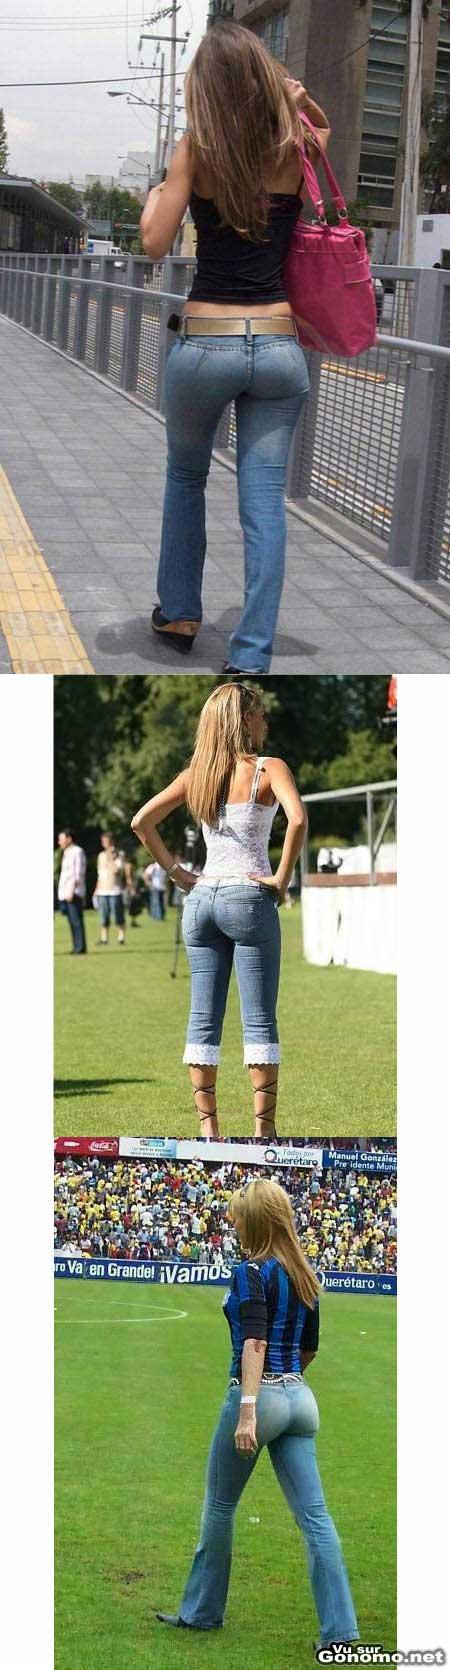 de retouuuuuuur!!! aide bas pour entrainement Jean-moulant-taille-basse-femme-trois-jolies-demoiselles-de-dos-avec-leurs-jeans-moulants-taille-basse-qui-leurs-font-de-belles-fesses